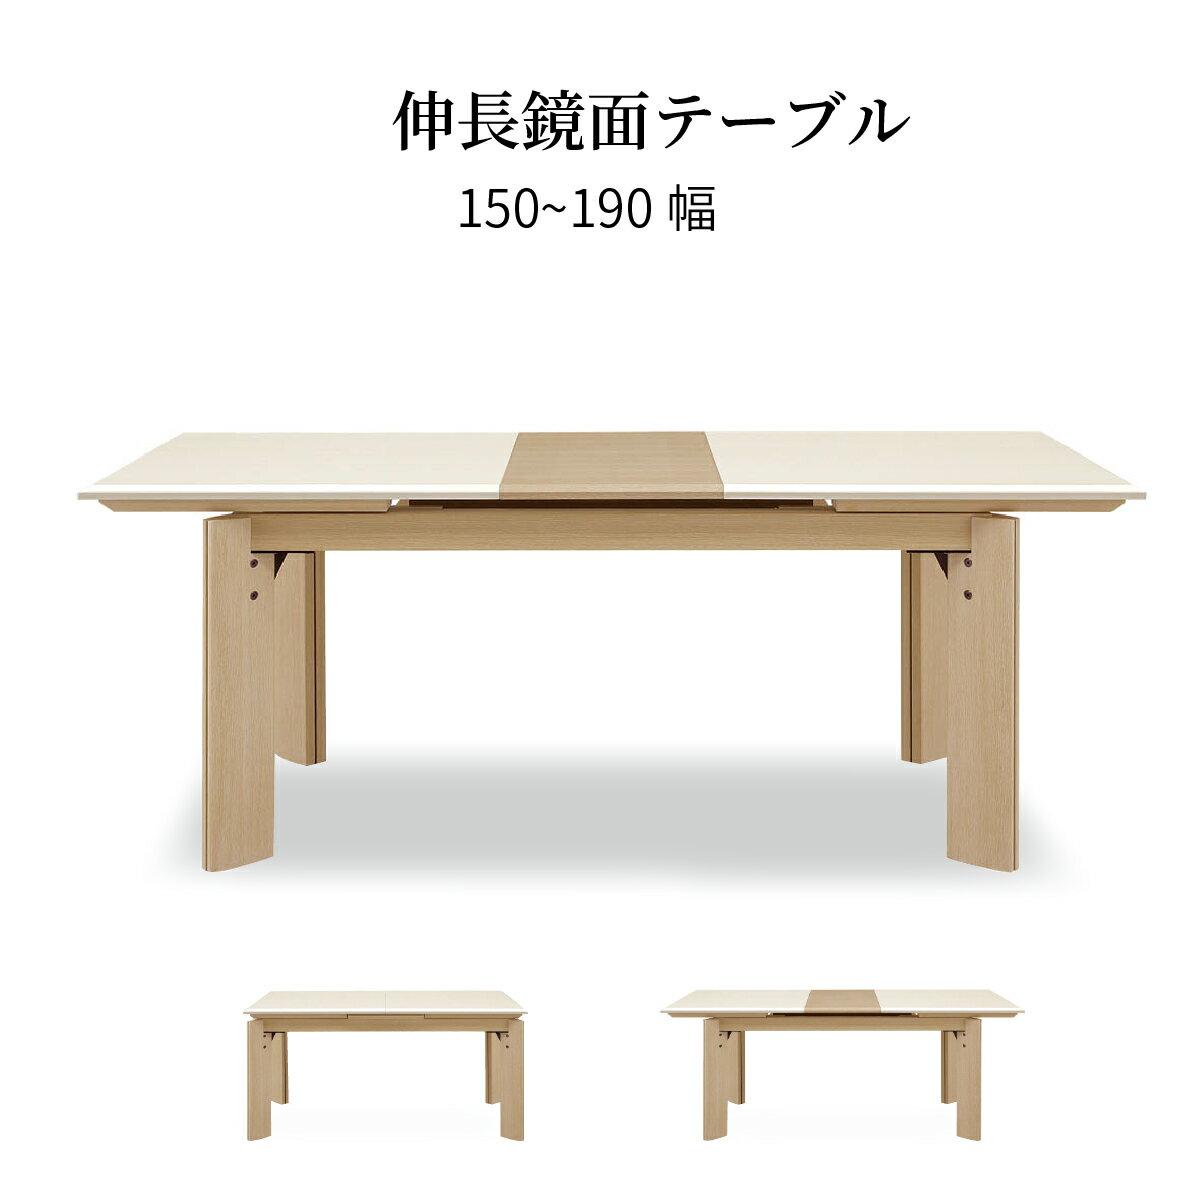 ダイニングテーブル 伸縮 6人 白 伸長式 4人用 エクステンションテーブル 150 190 ホワイト 木製 単品 伸縮ダイニングテーブル 伸長テーブル リビング ダイニング 来客 大人数 食卓テーブル RATI ラティ シギヤマ家具工業 シギヤマ